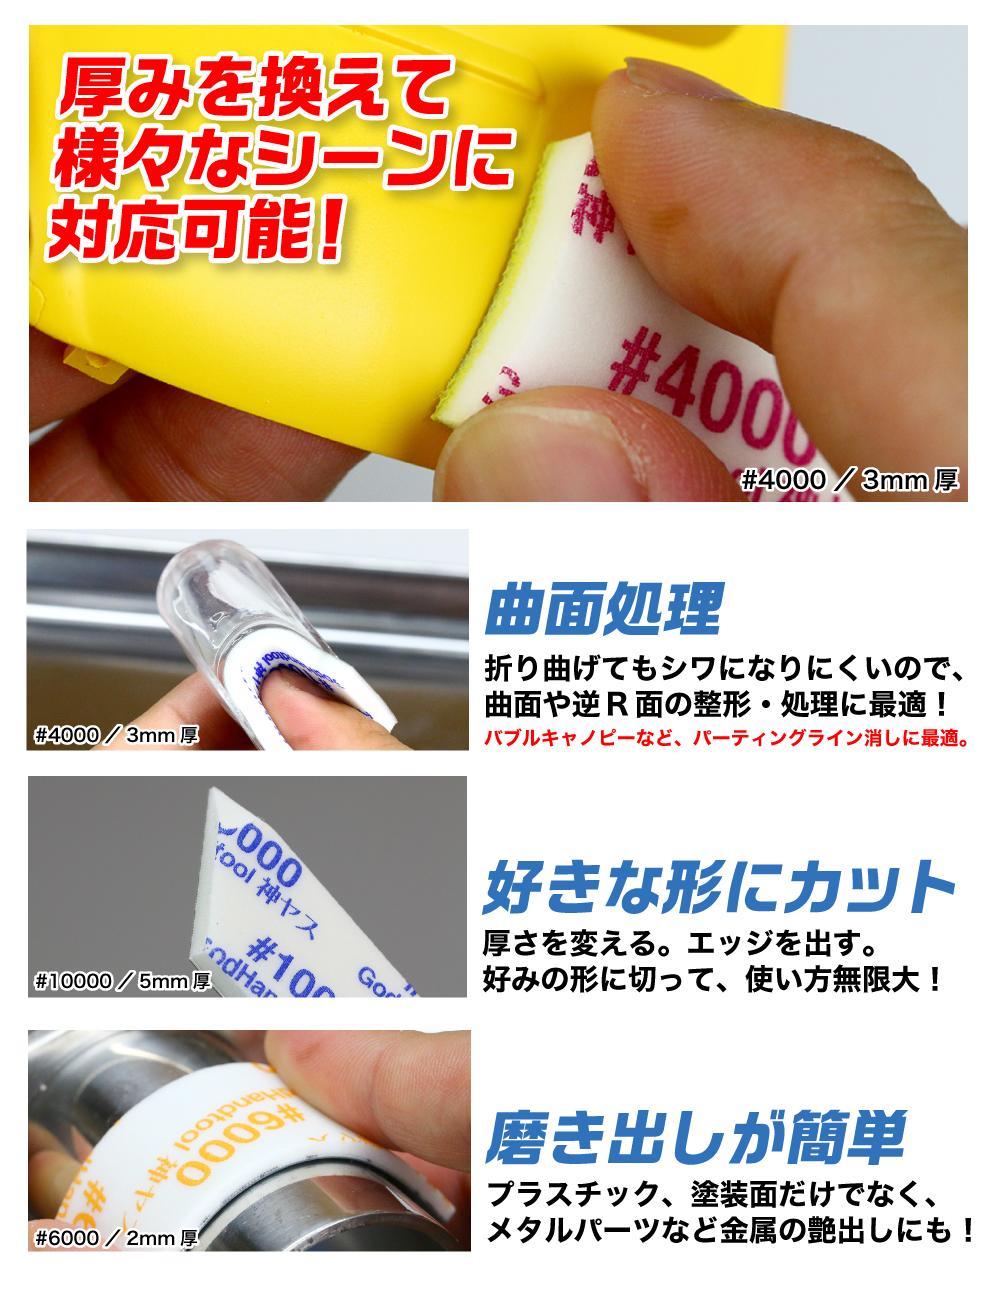 【旧型】ゴッドハンド 神ヤス! 磨 -MIGAKI- 厚さ2mm スポンジ布ヤスリ 高番手 空研ぎ 水研ぎ